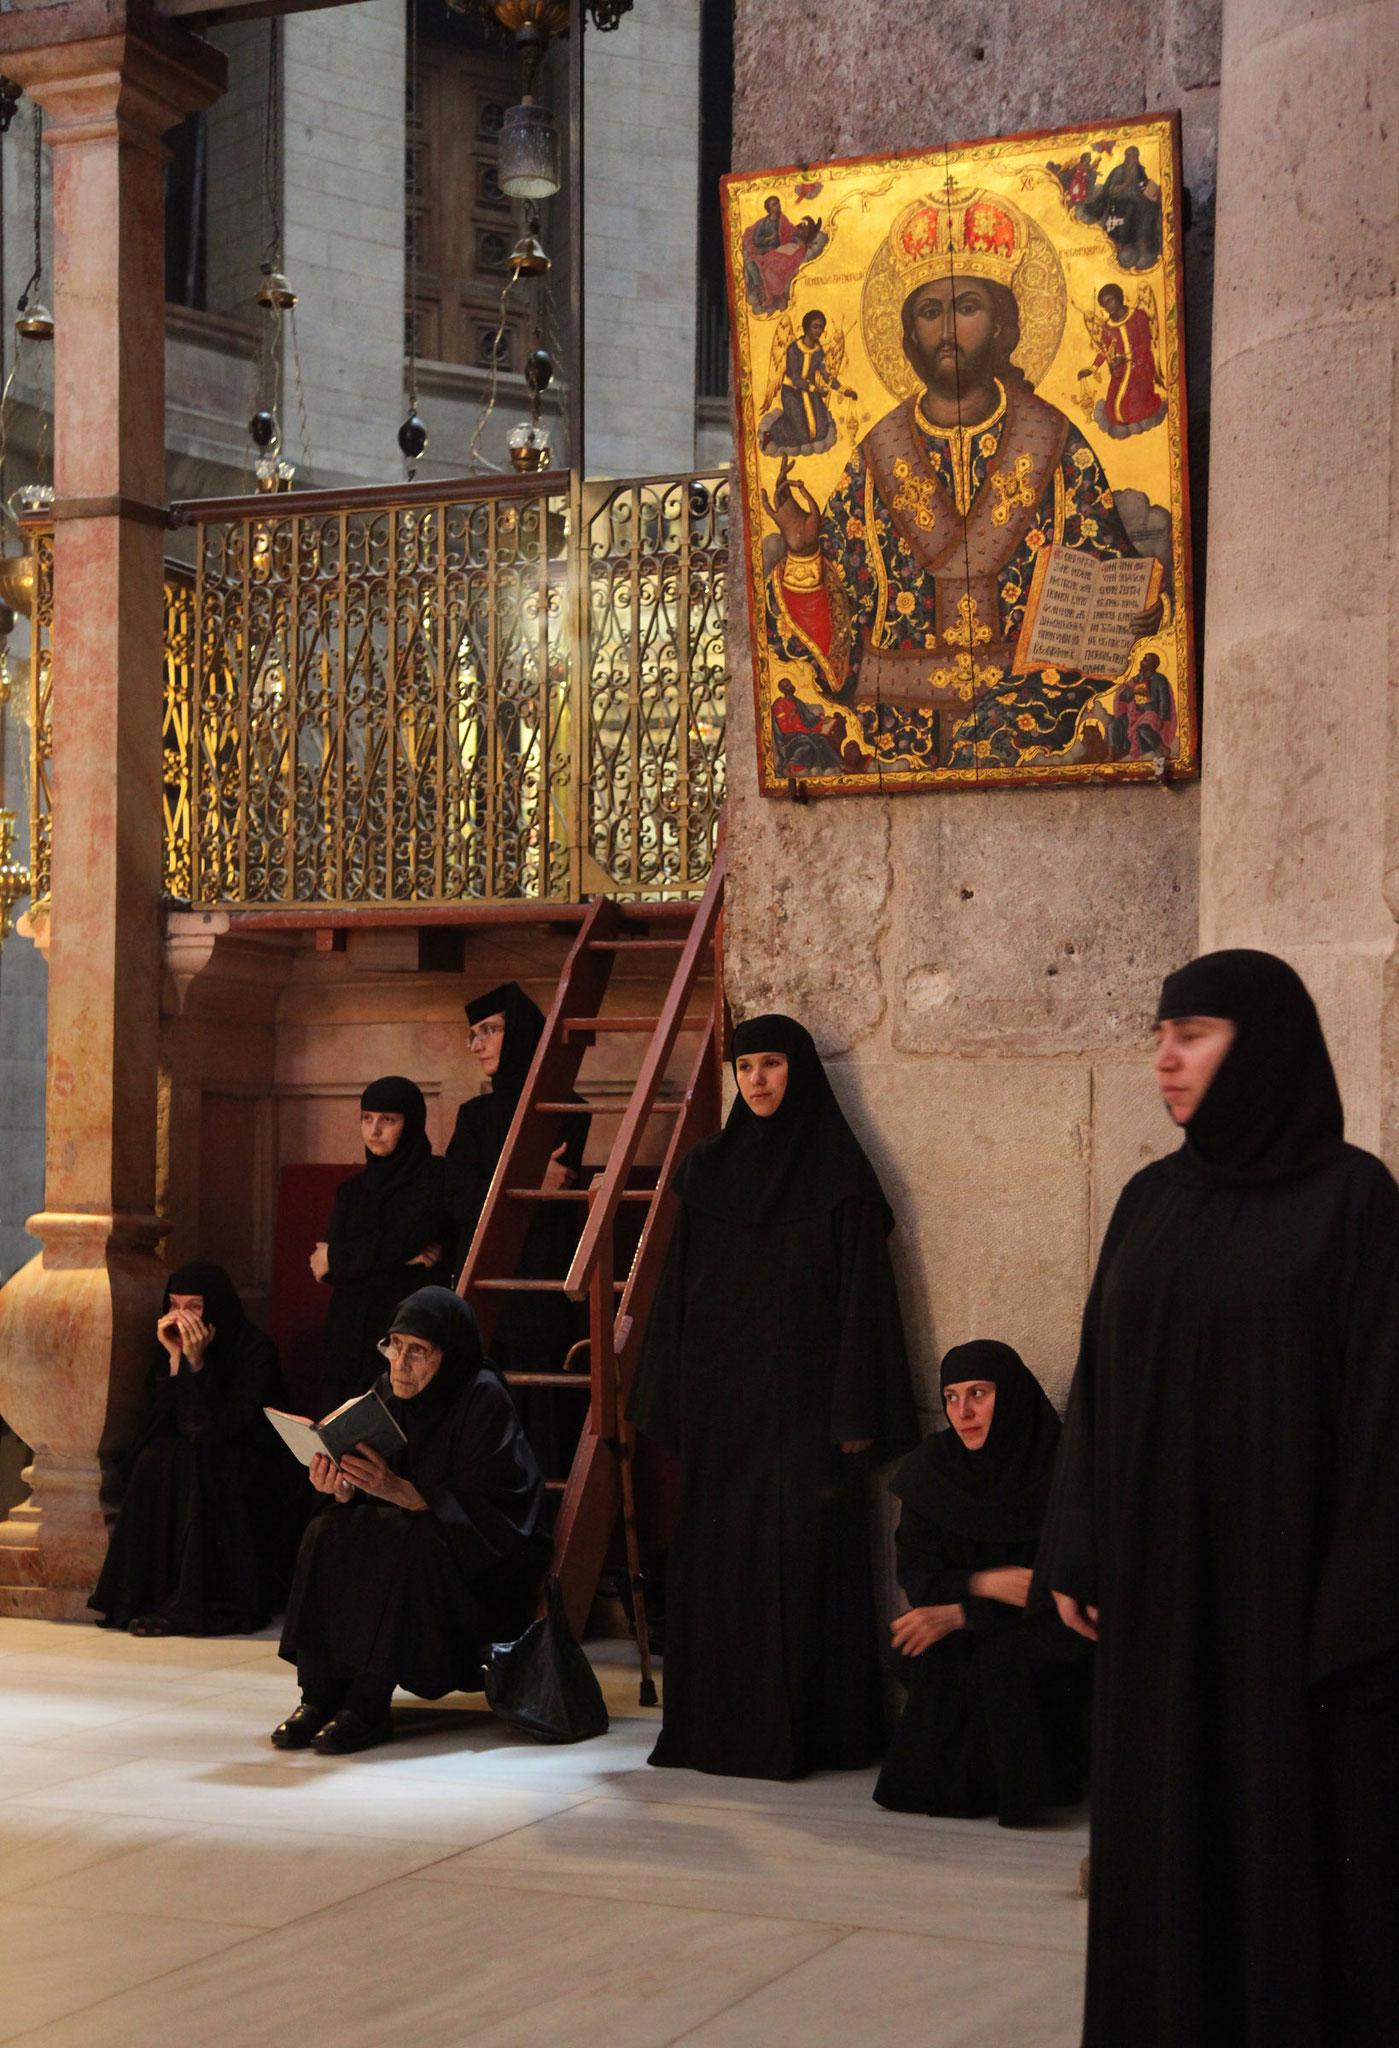 Römisch-katholischer Teil der Grabeskirche, Jerusalem